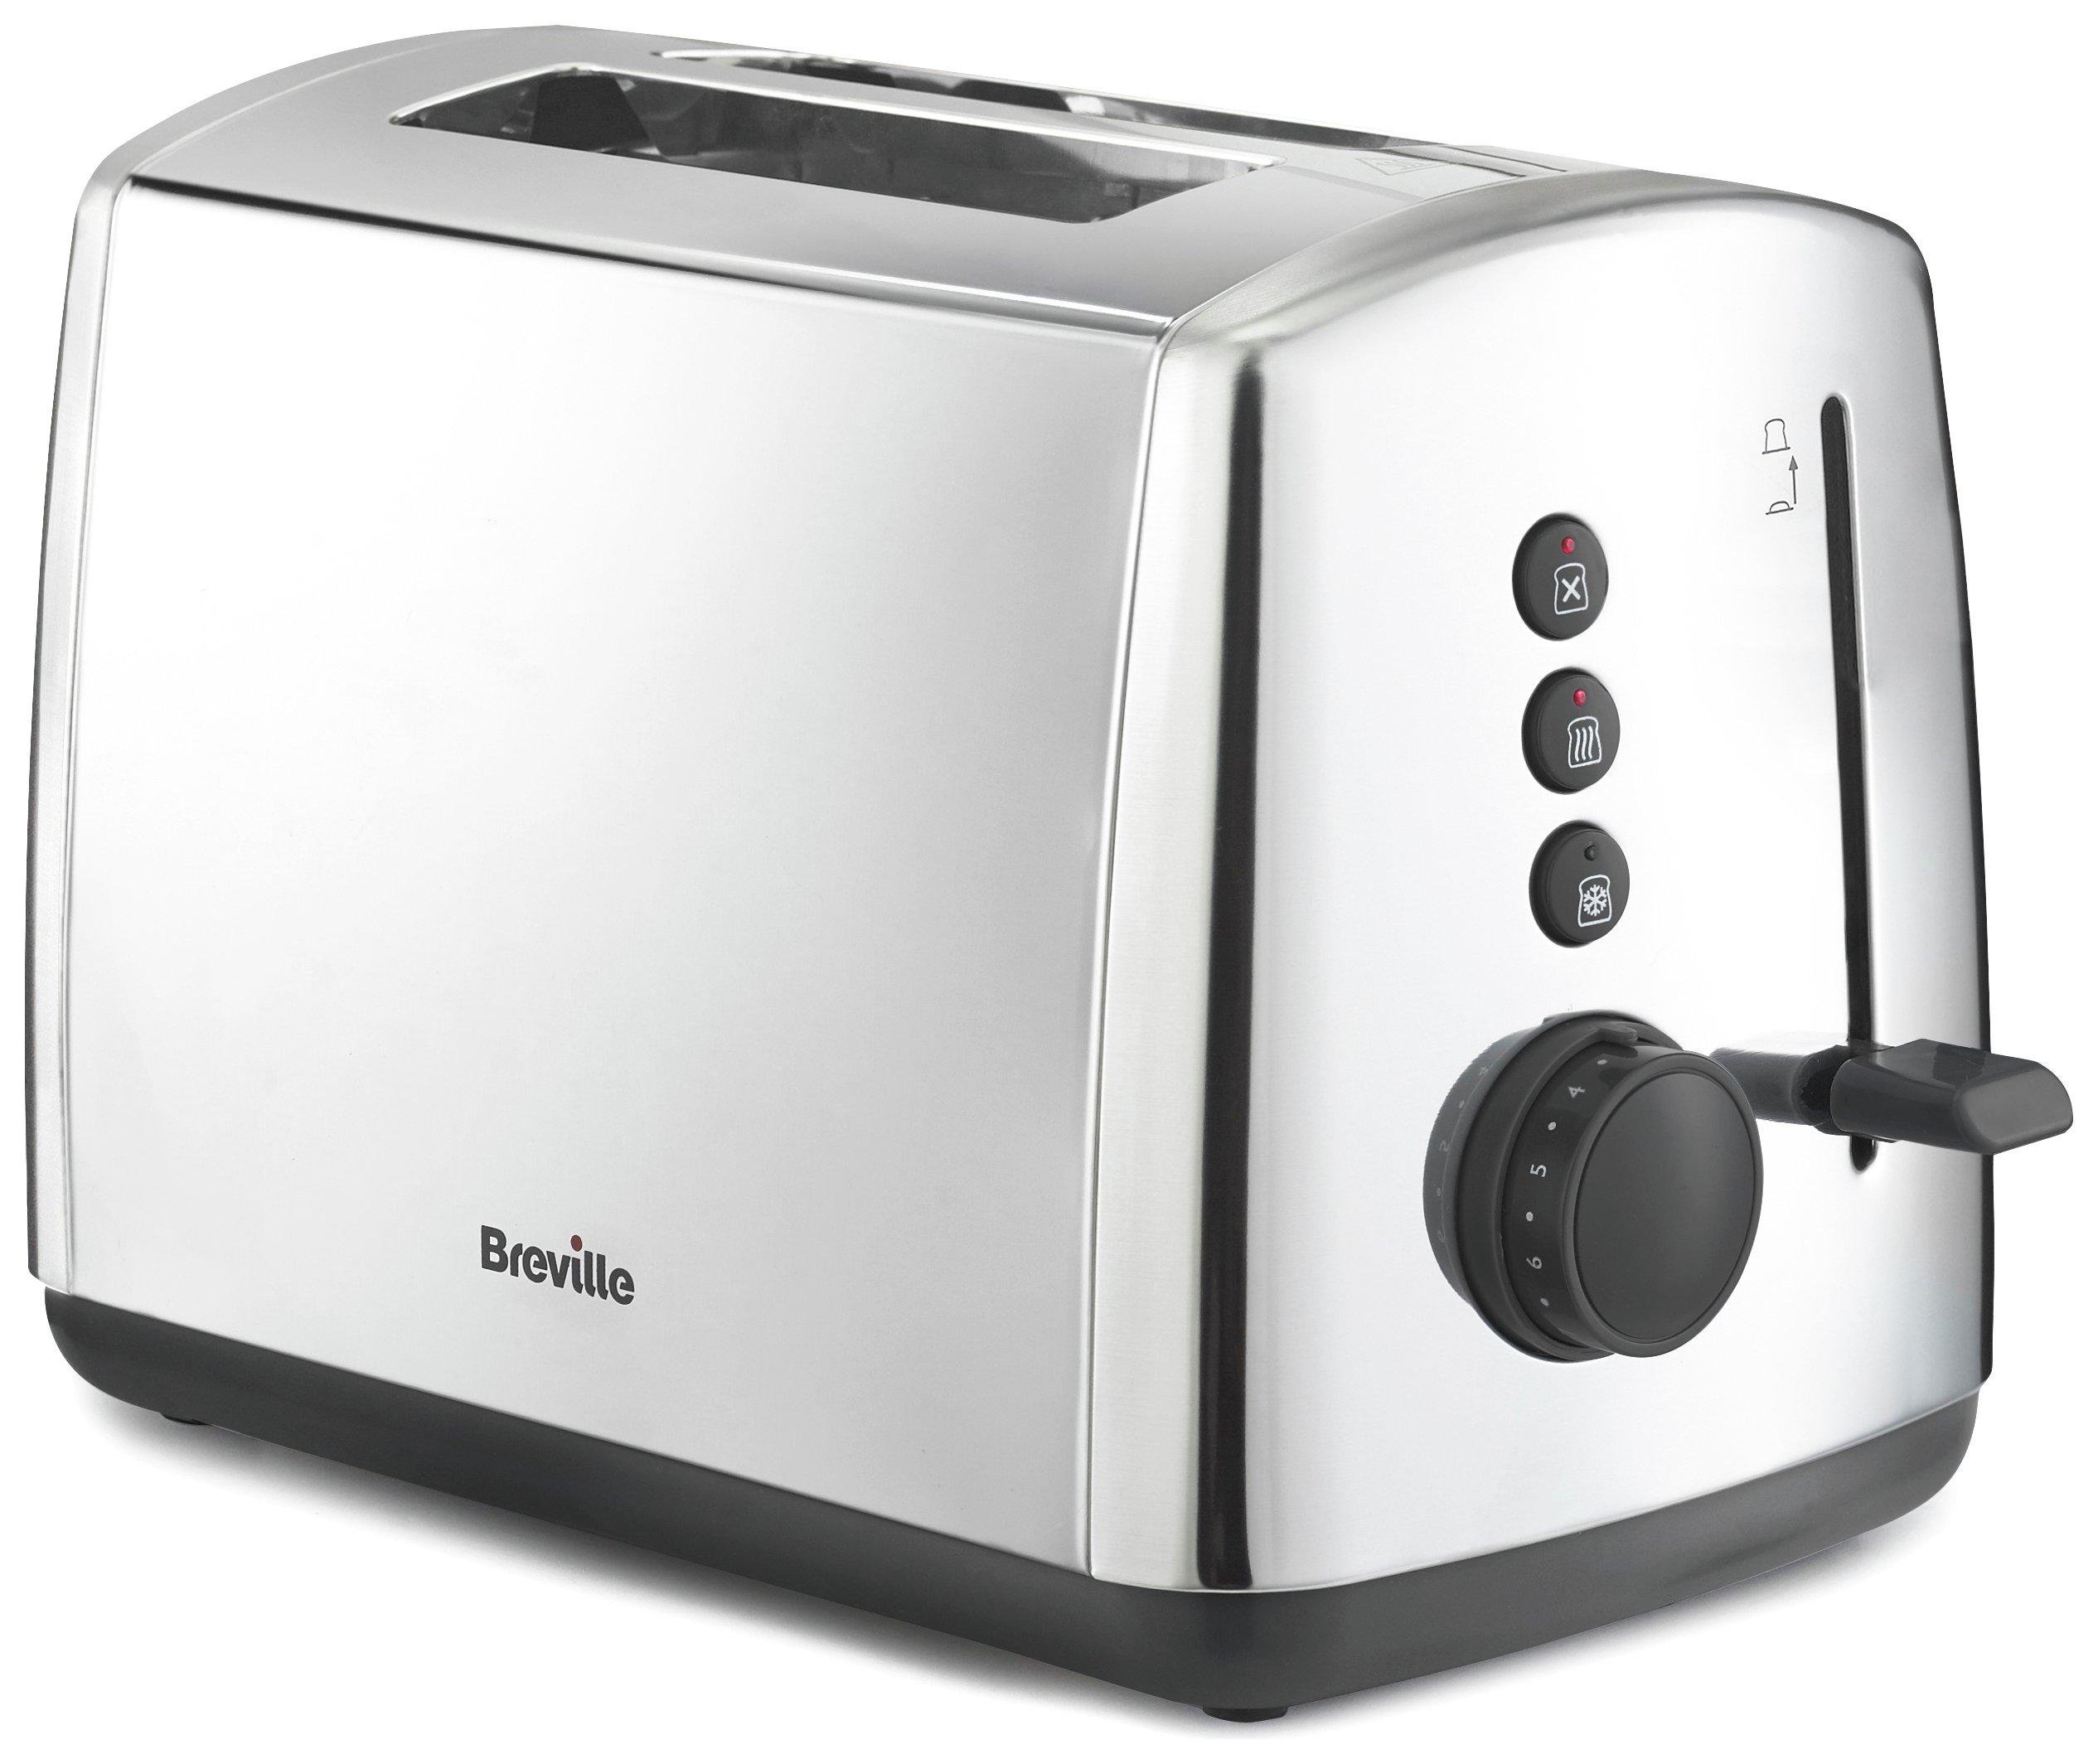 Breville - Toaster - VTT548 - 2 Slice - Stainless Steel